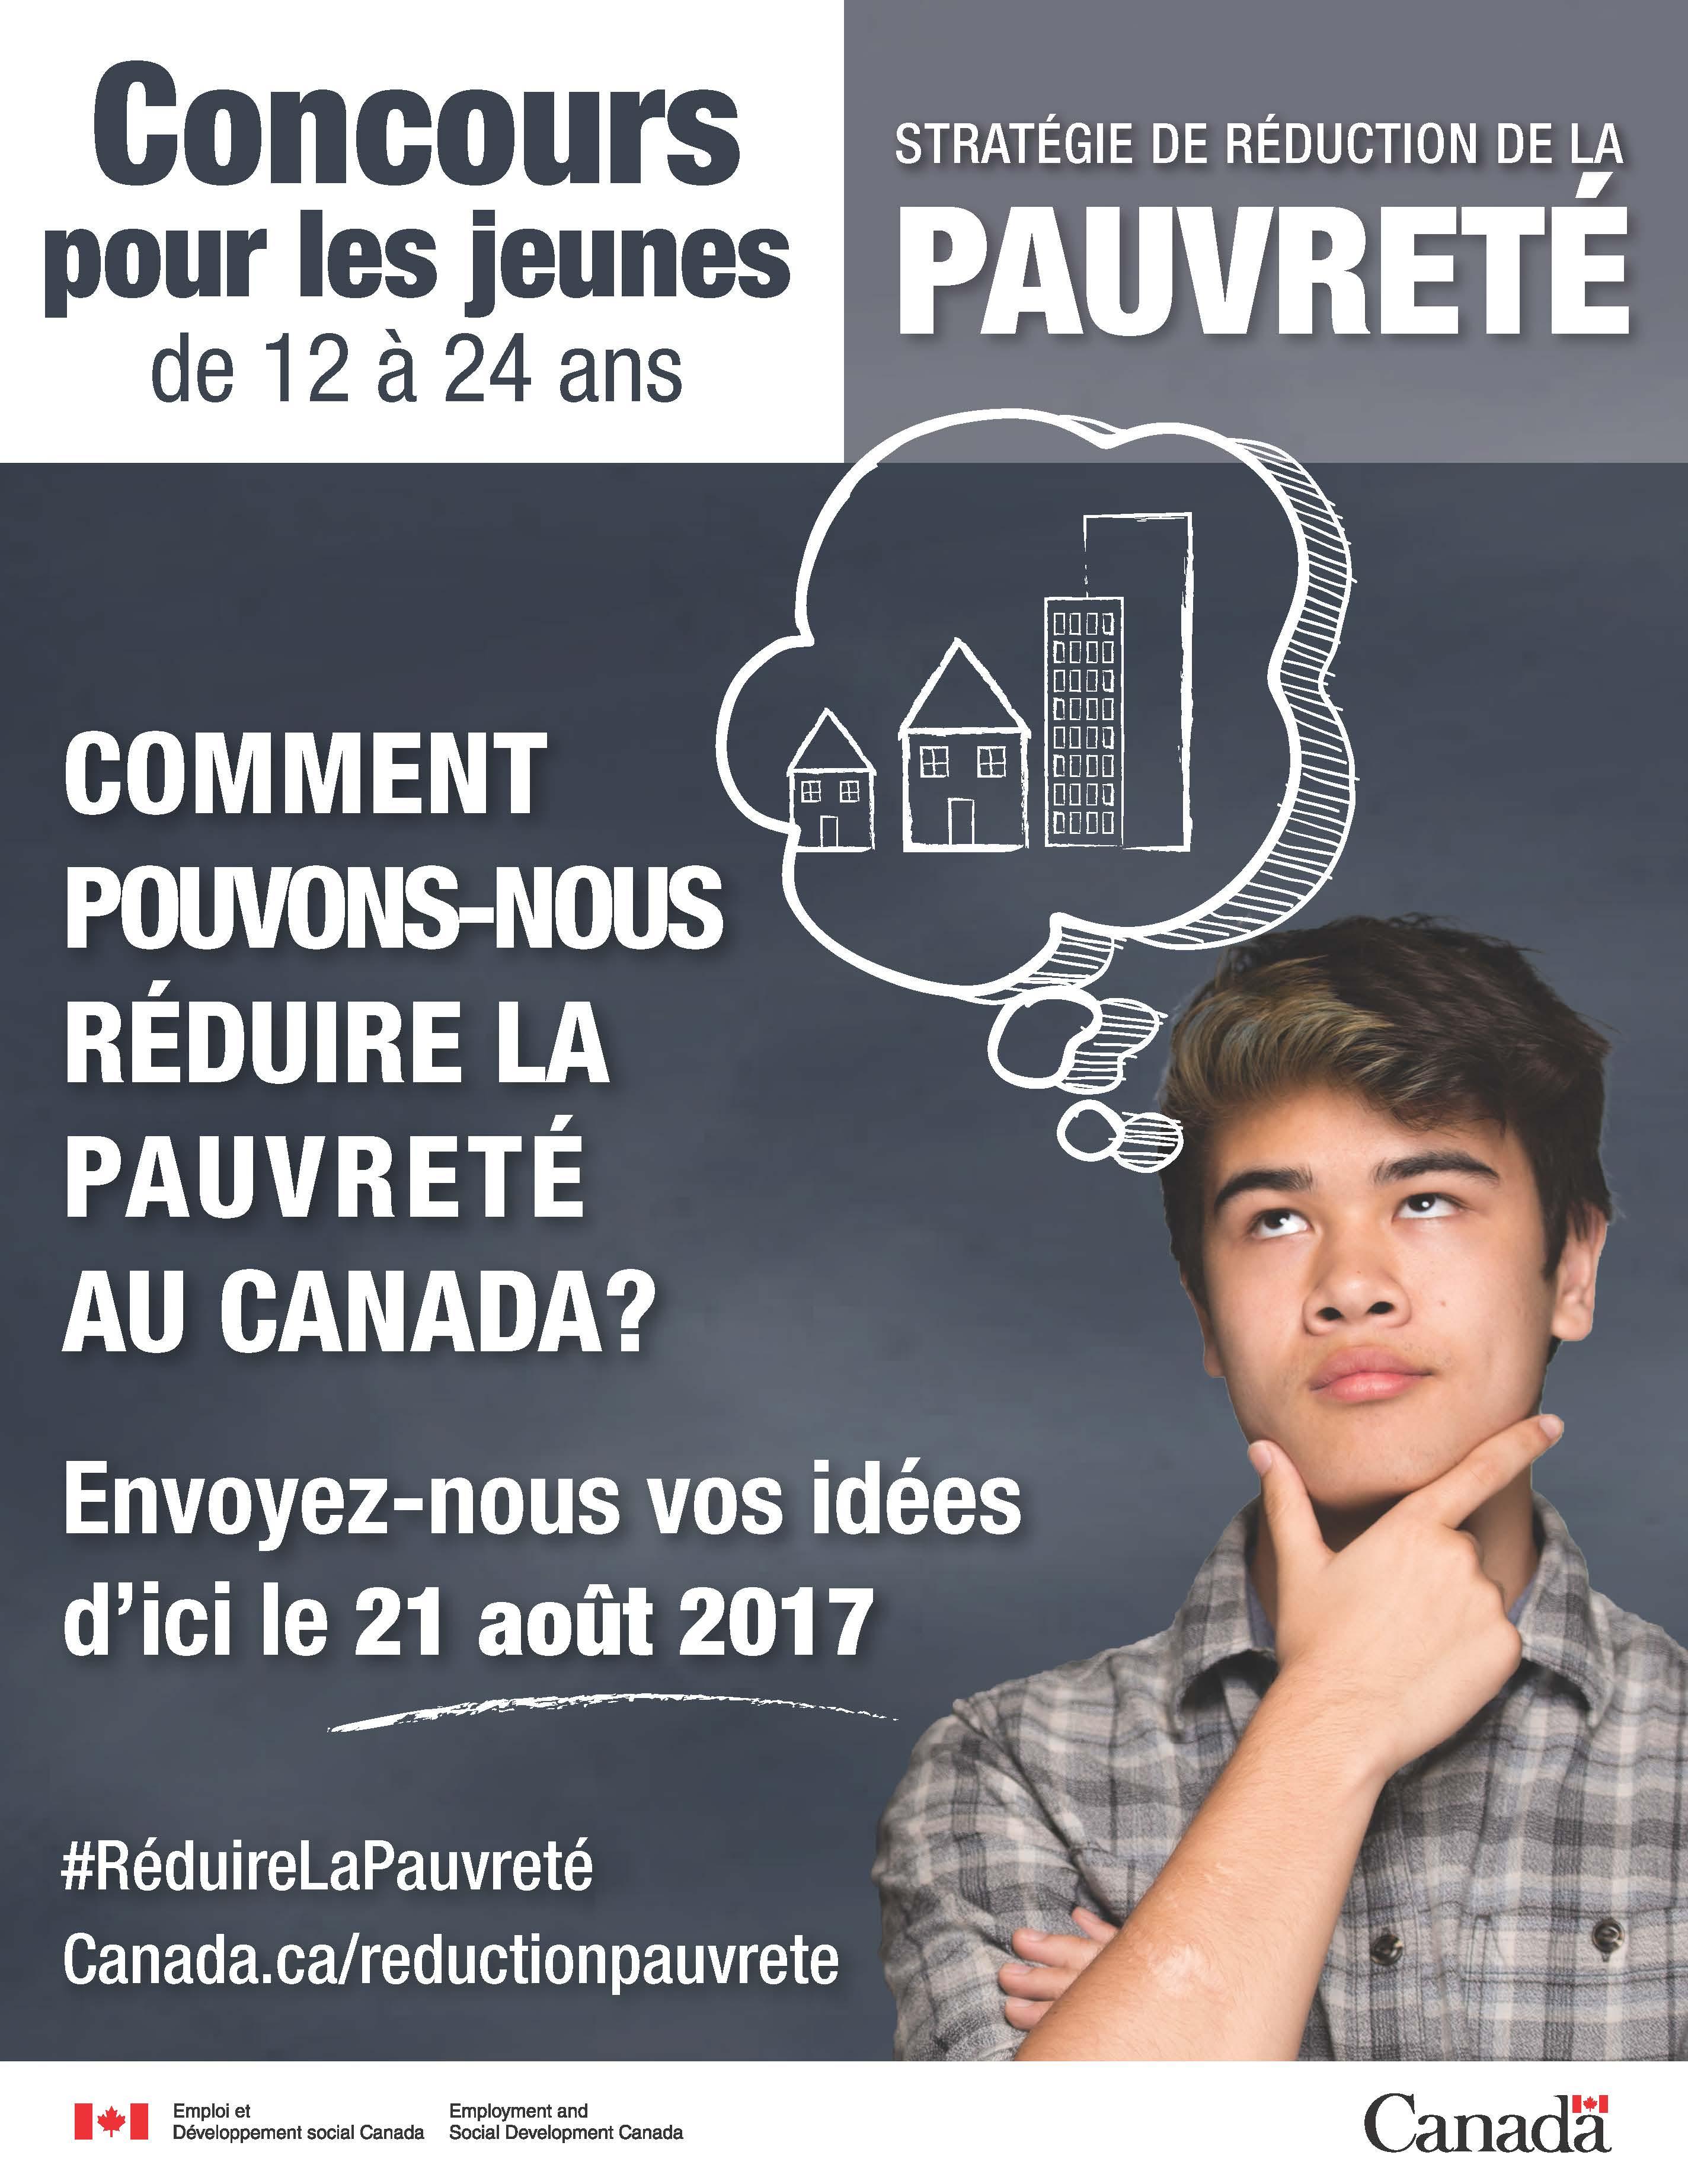 Affiche : concours pour les jeunes